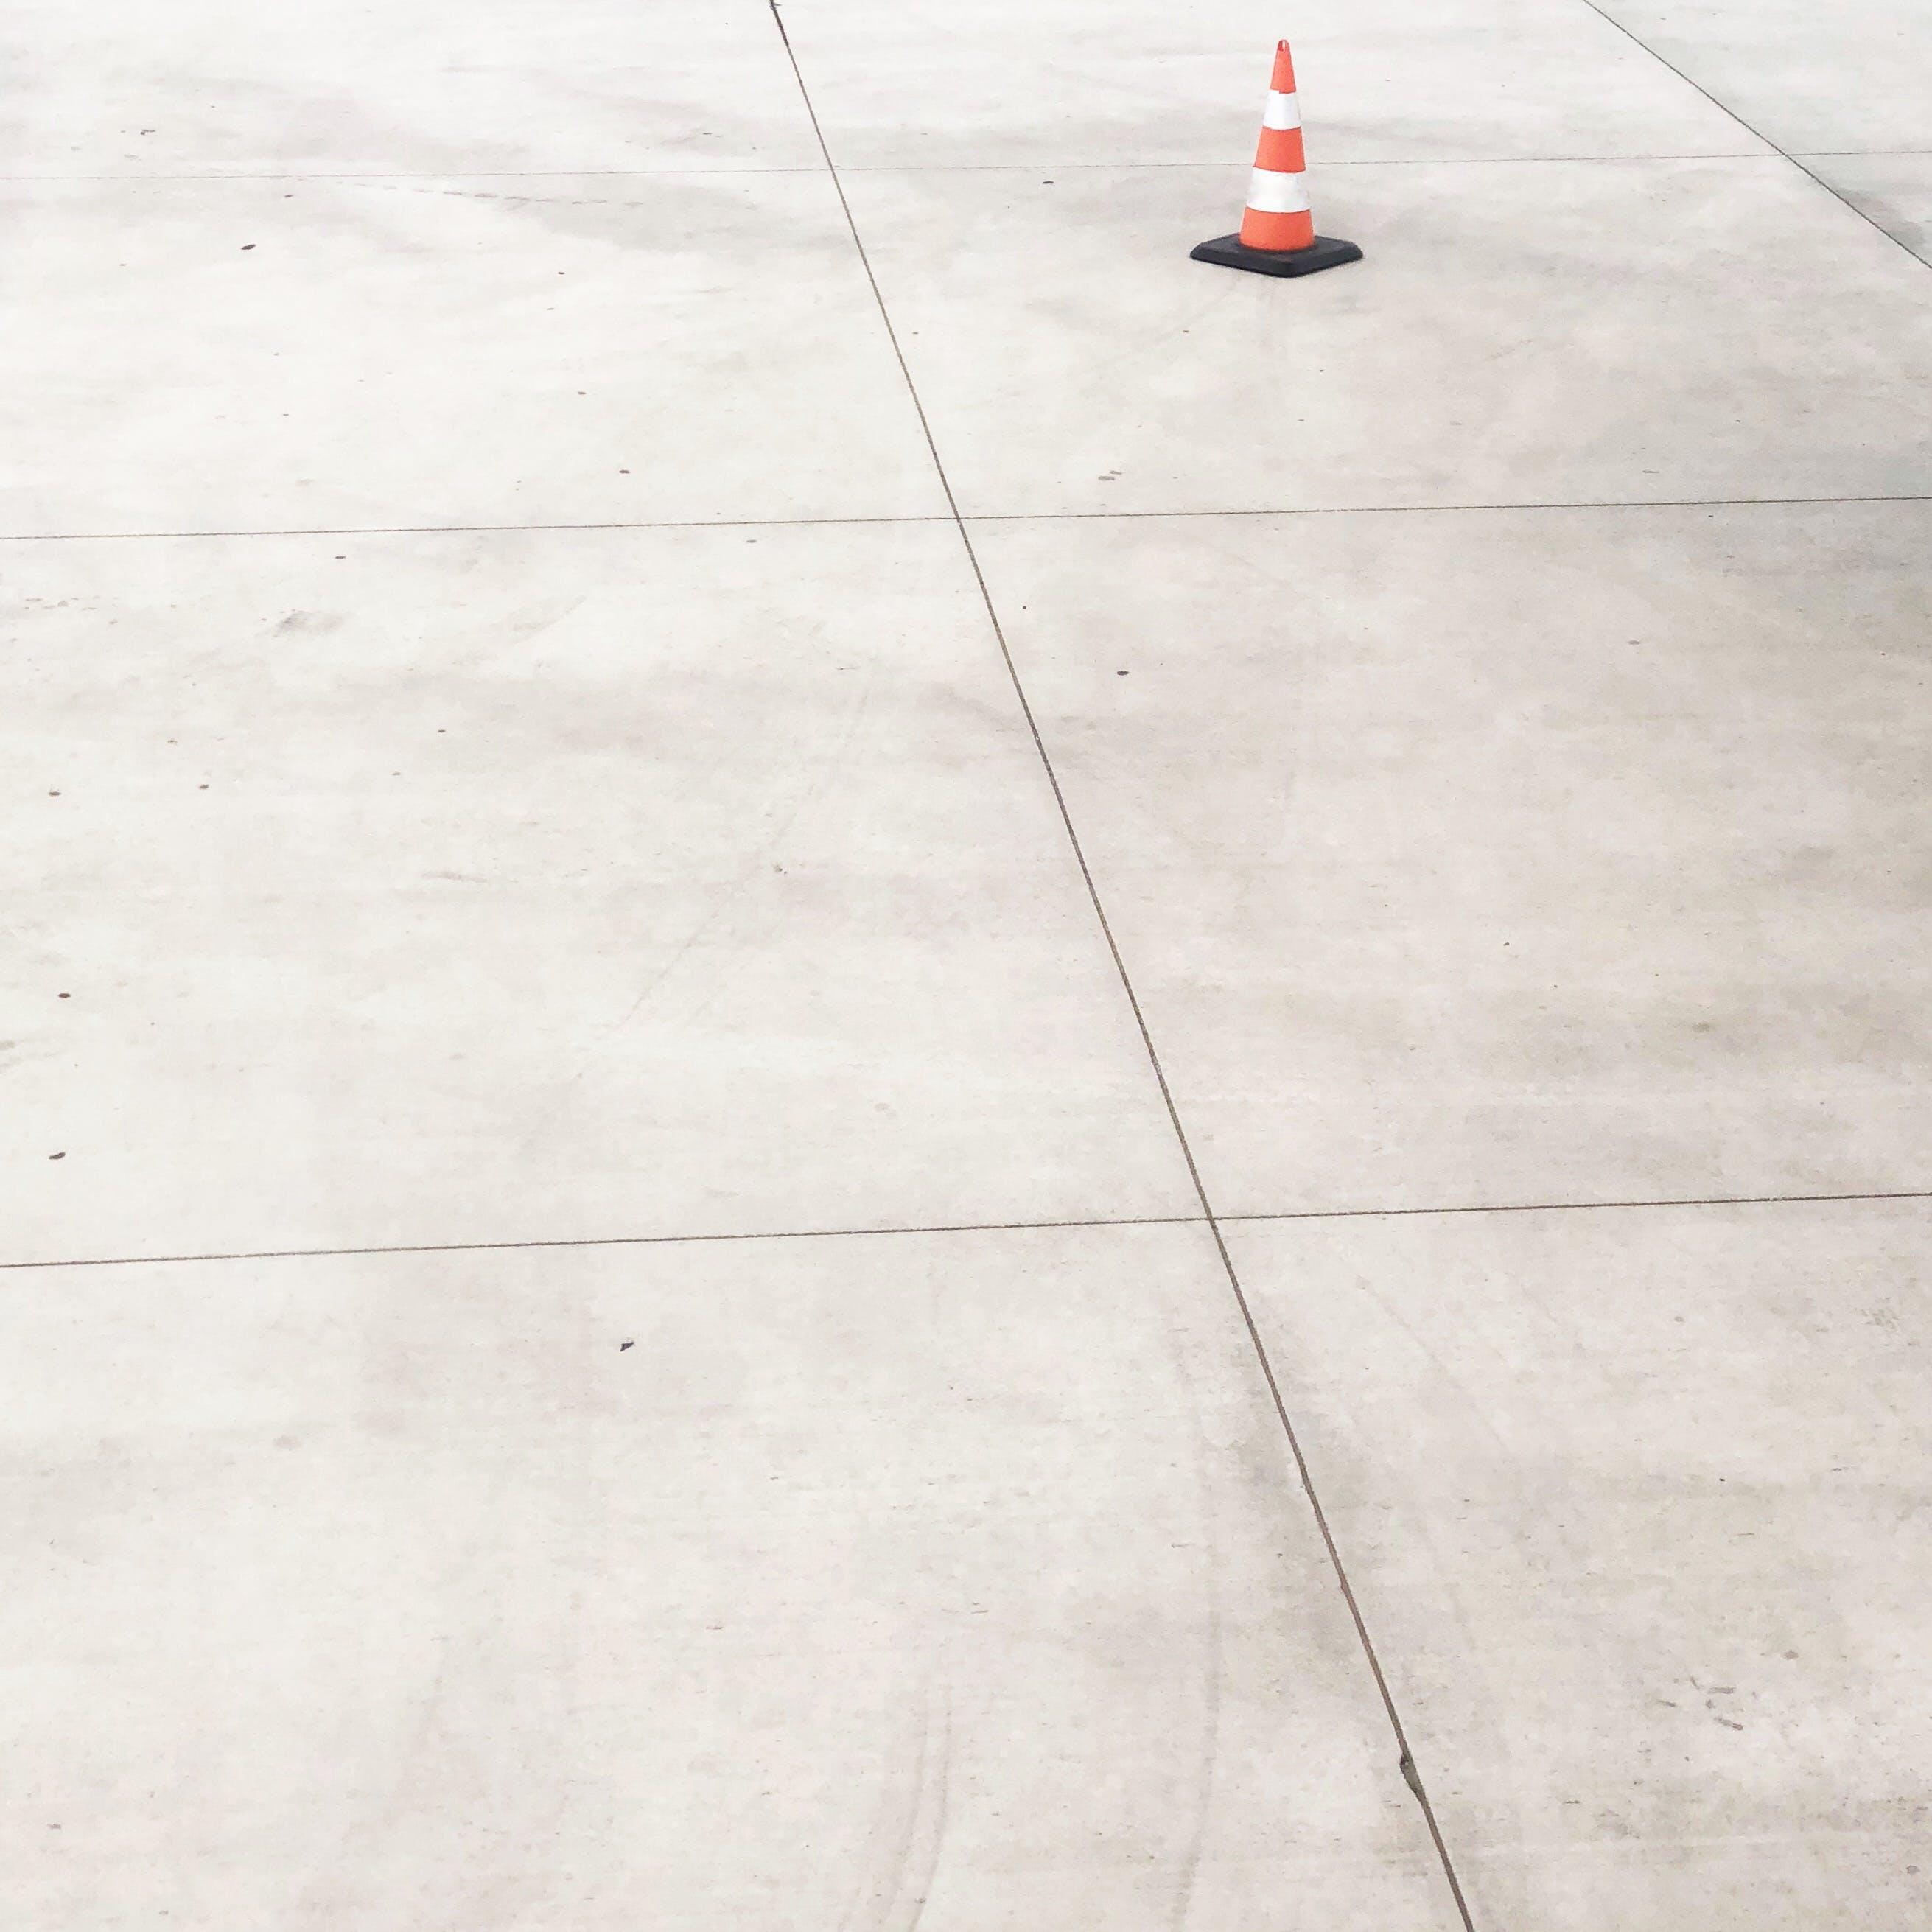 κώνος κυκλοφορίας, πάτωμα, σκυρόδεμα